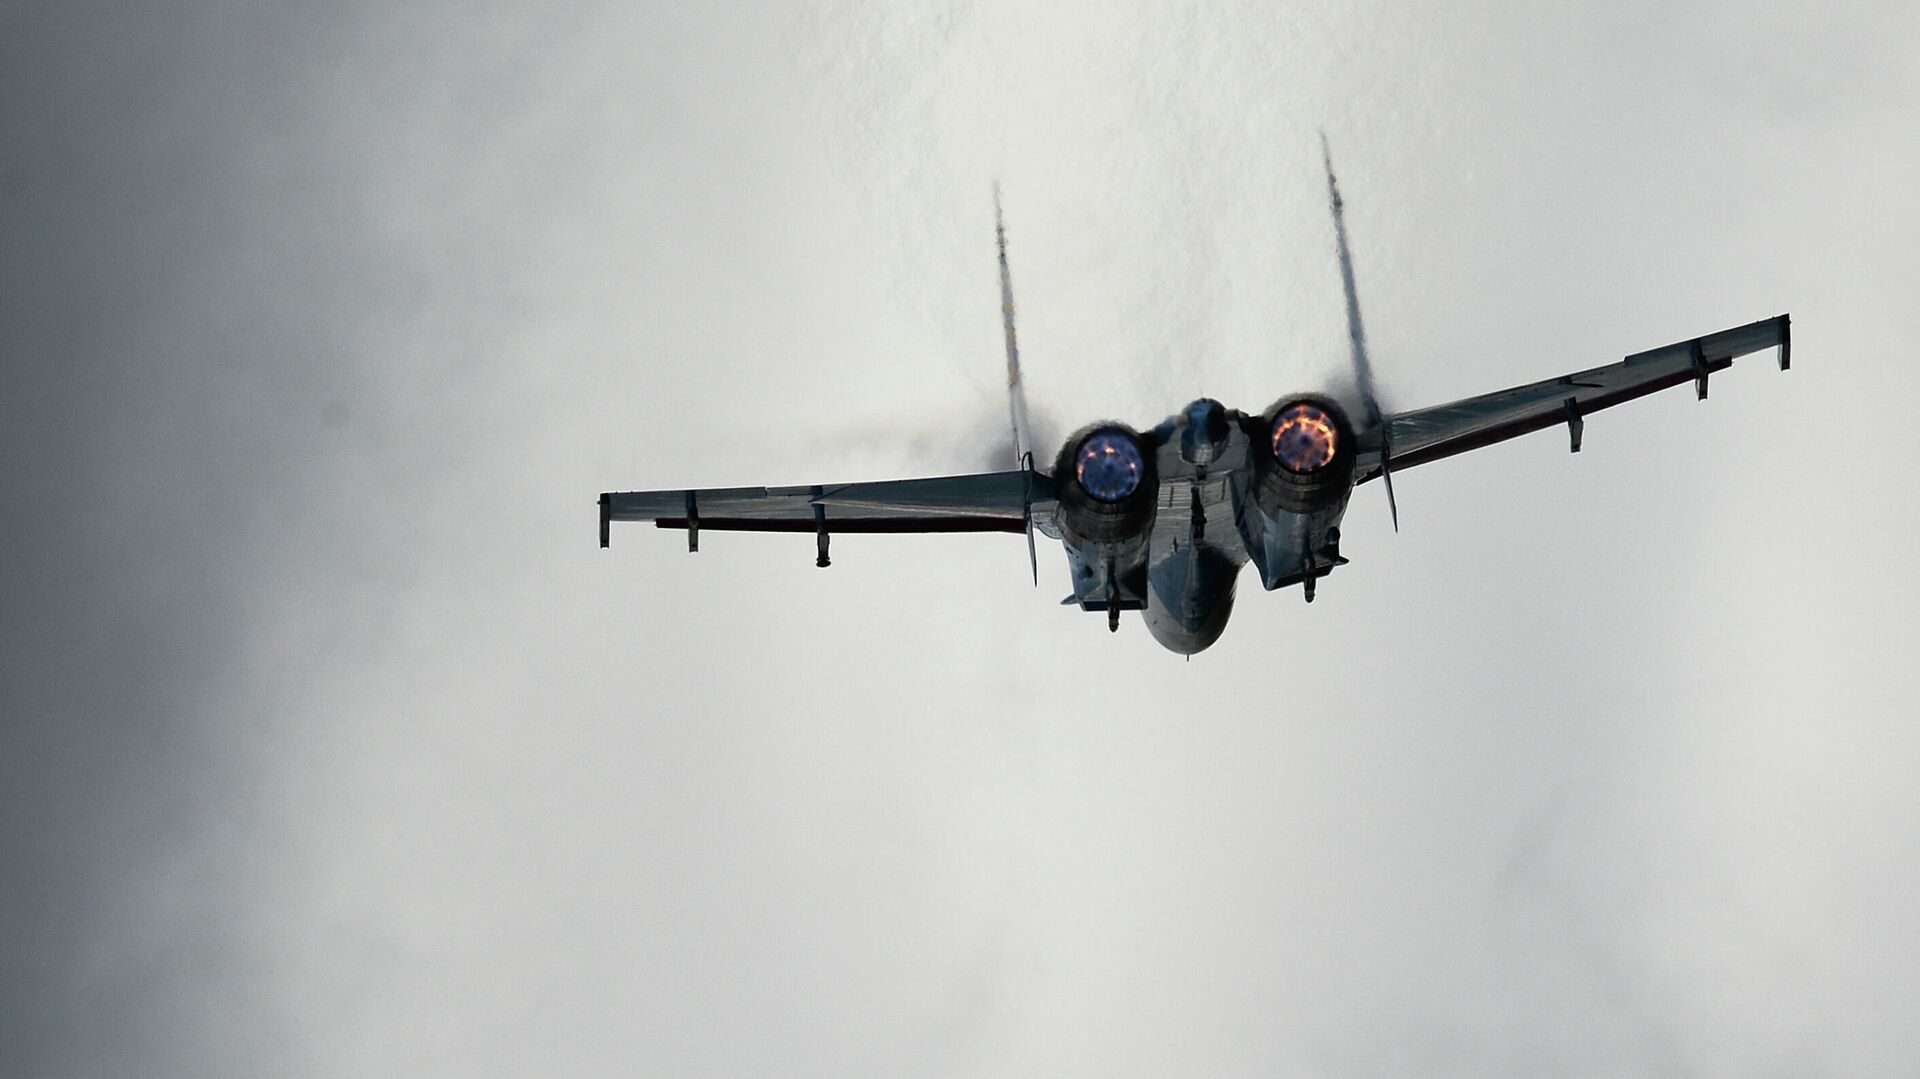 Самолет Су-27 во время показательных учений - РИА Новости, 1920, 03.02.2021